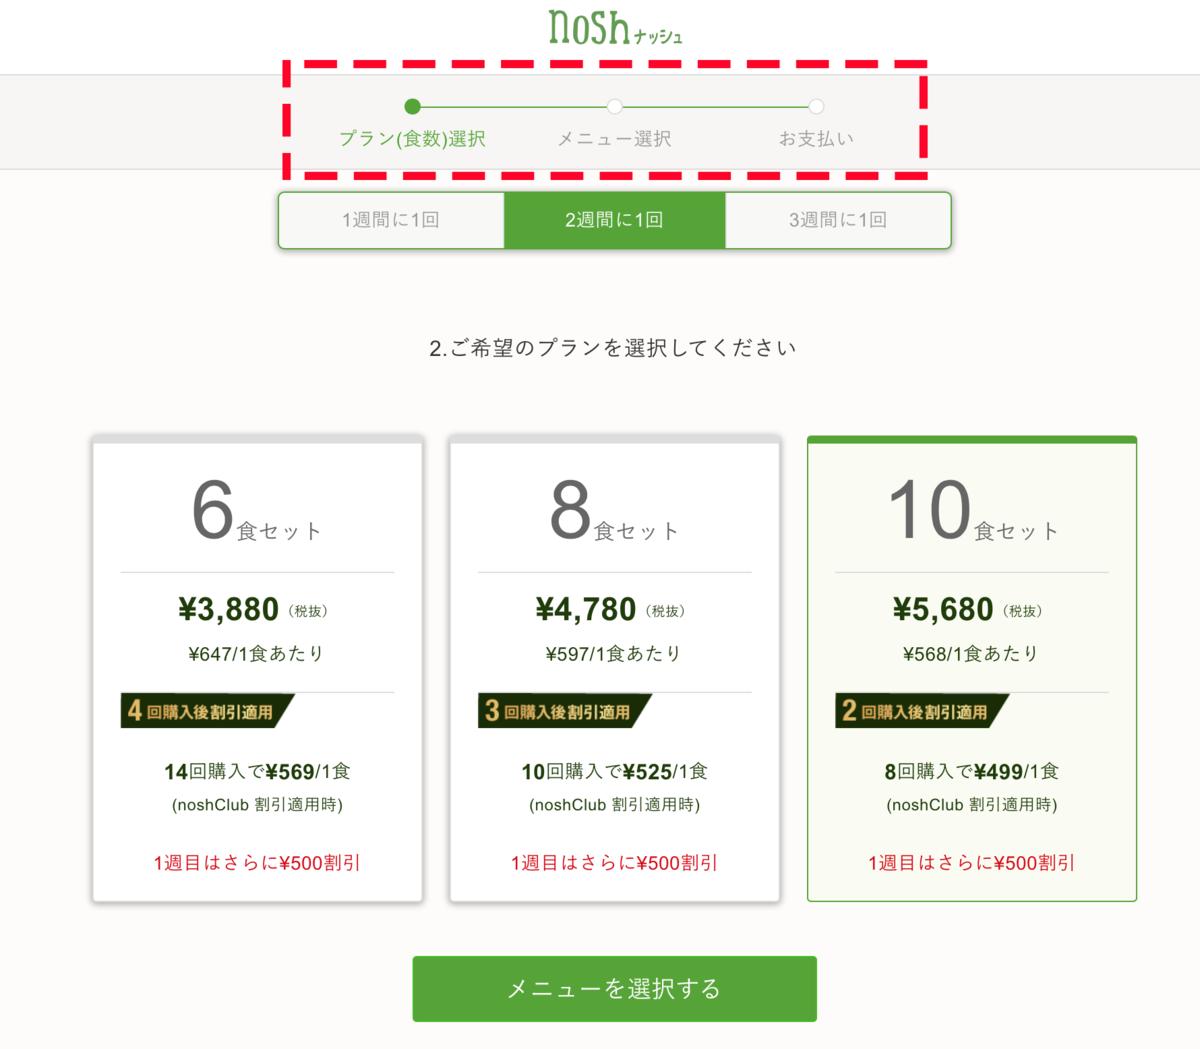 f:id:zamatsuyoshi:20200501032200p:plain